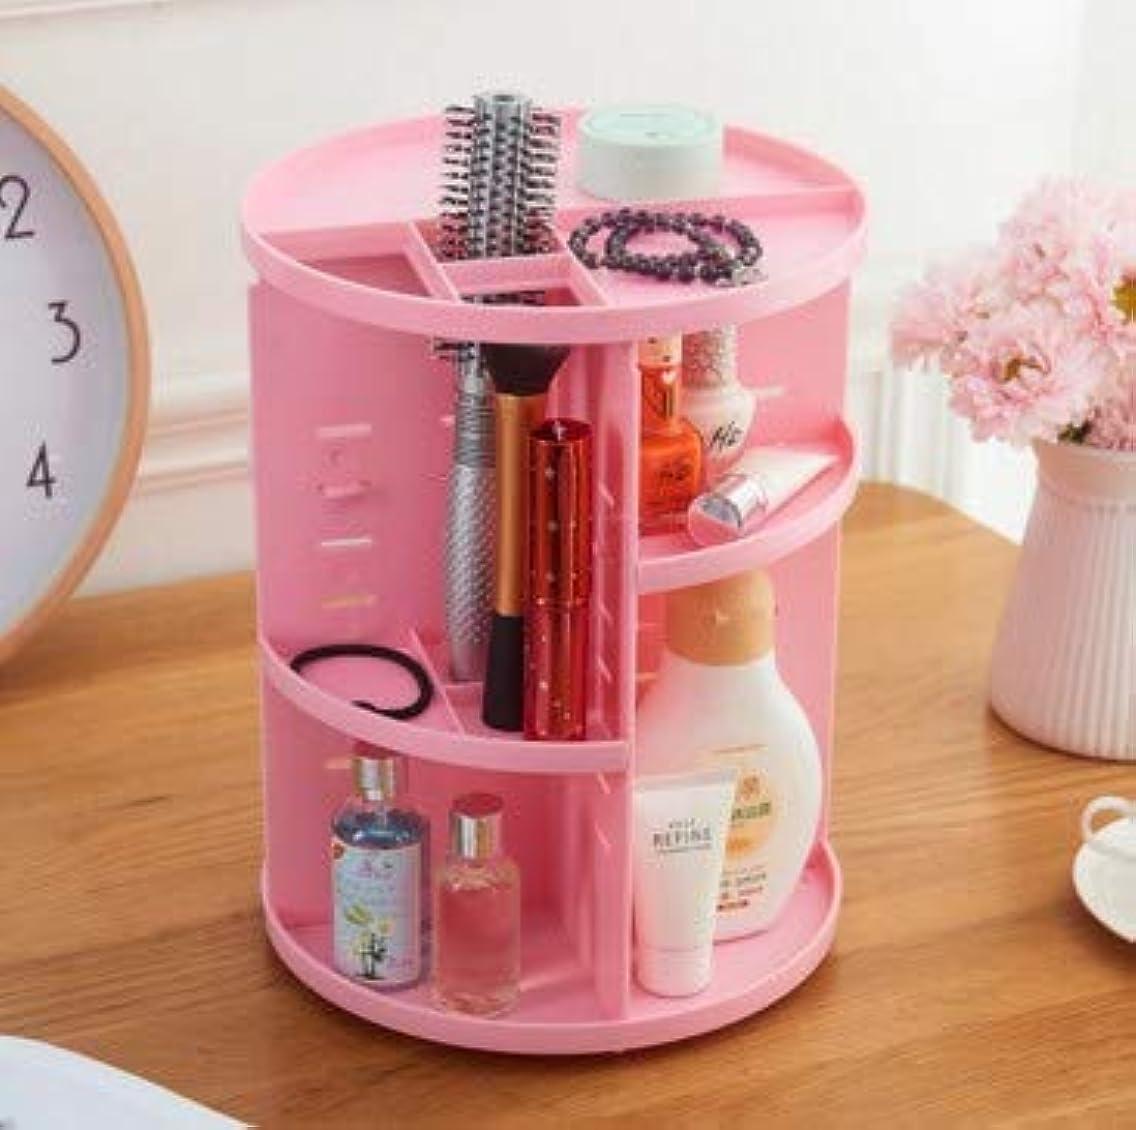 雇った事件、出来事驚デスクトップロータリー収納ボックス多機能プラスチックバスルーム仕上げボックス化粧品収納ボックス (Color : ピンク)